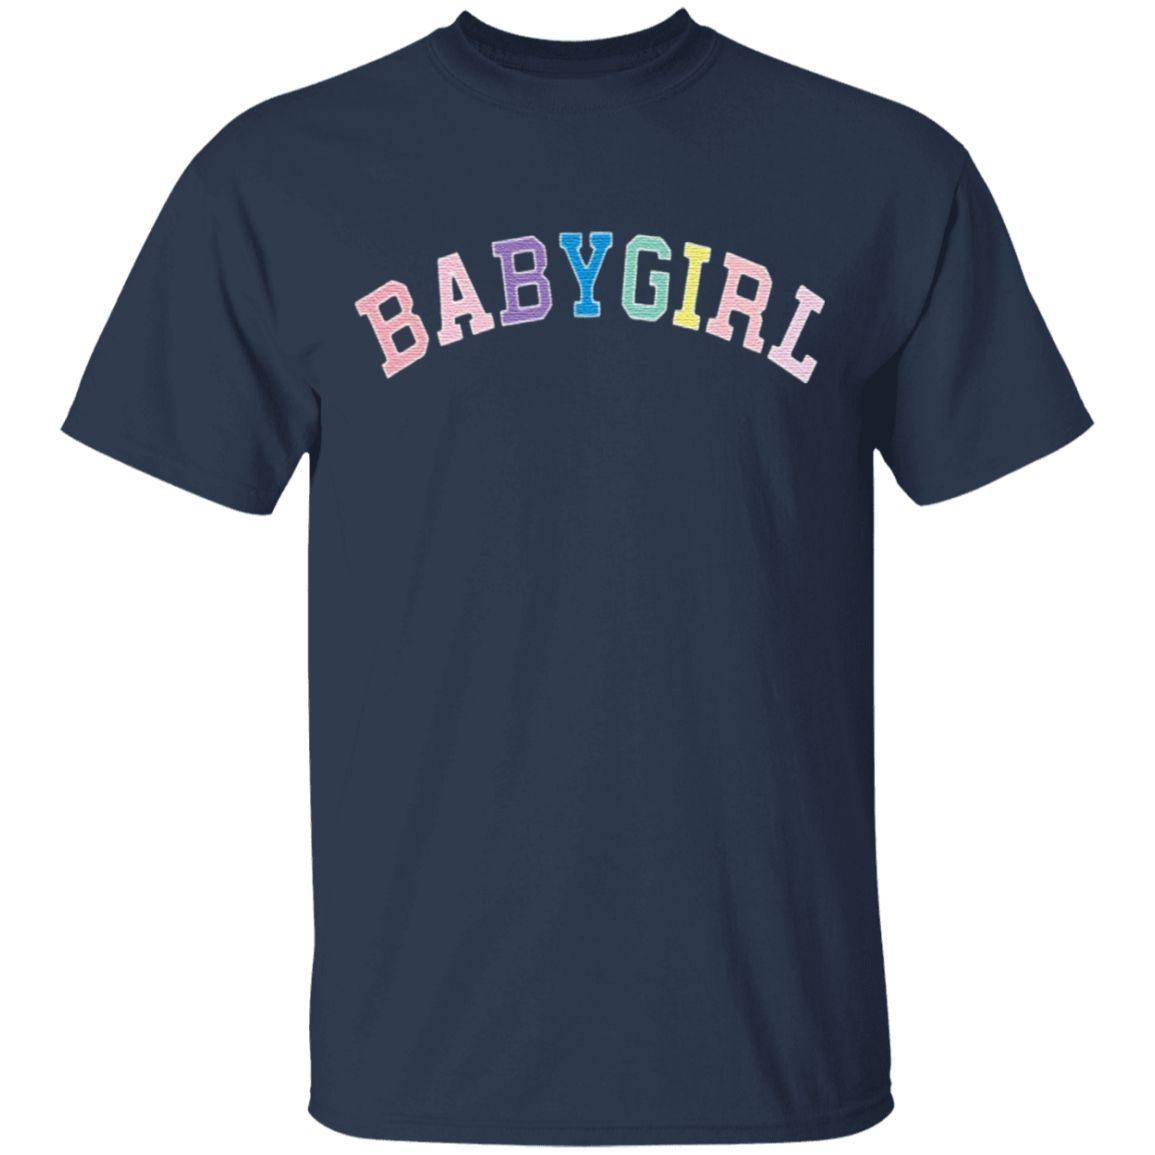 baby girl t shirt